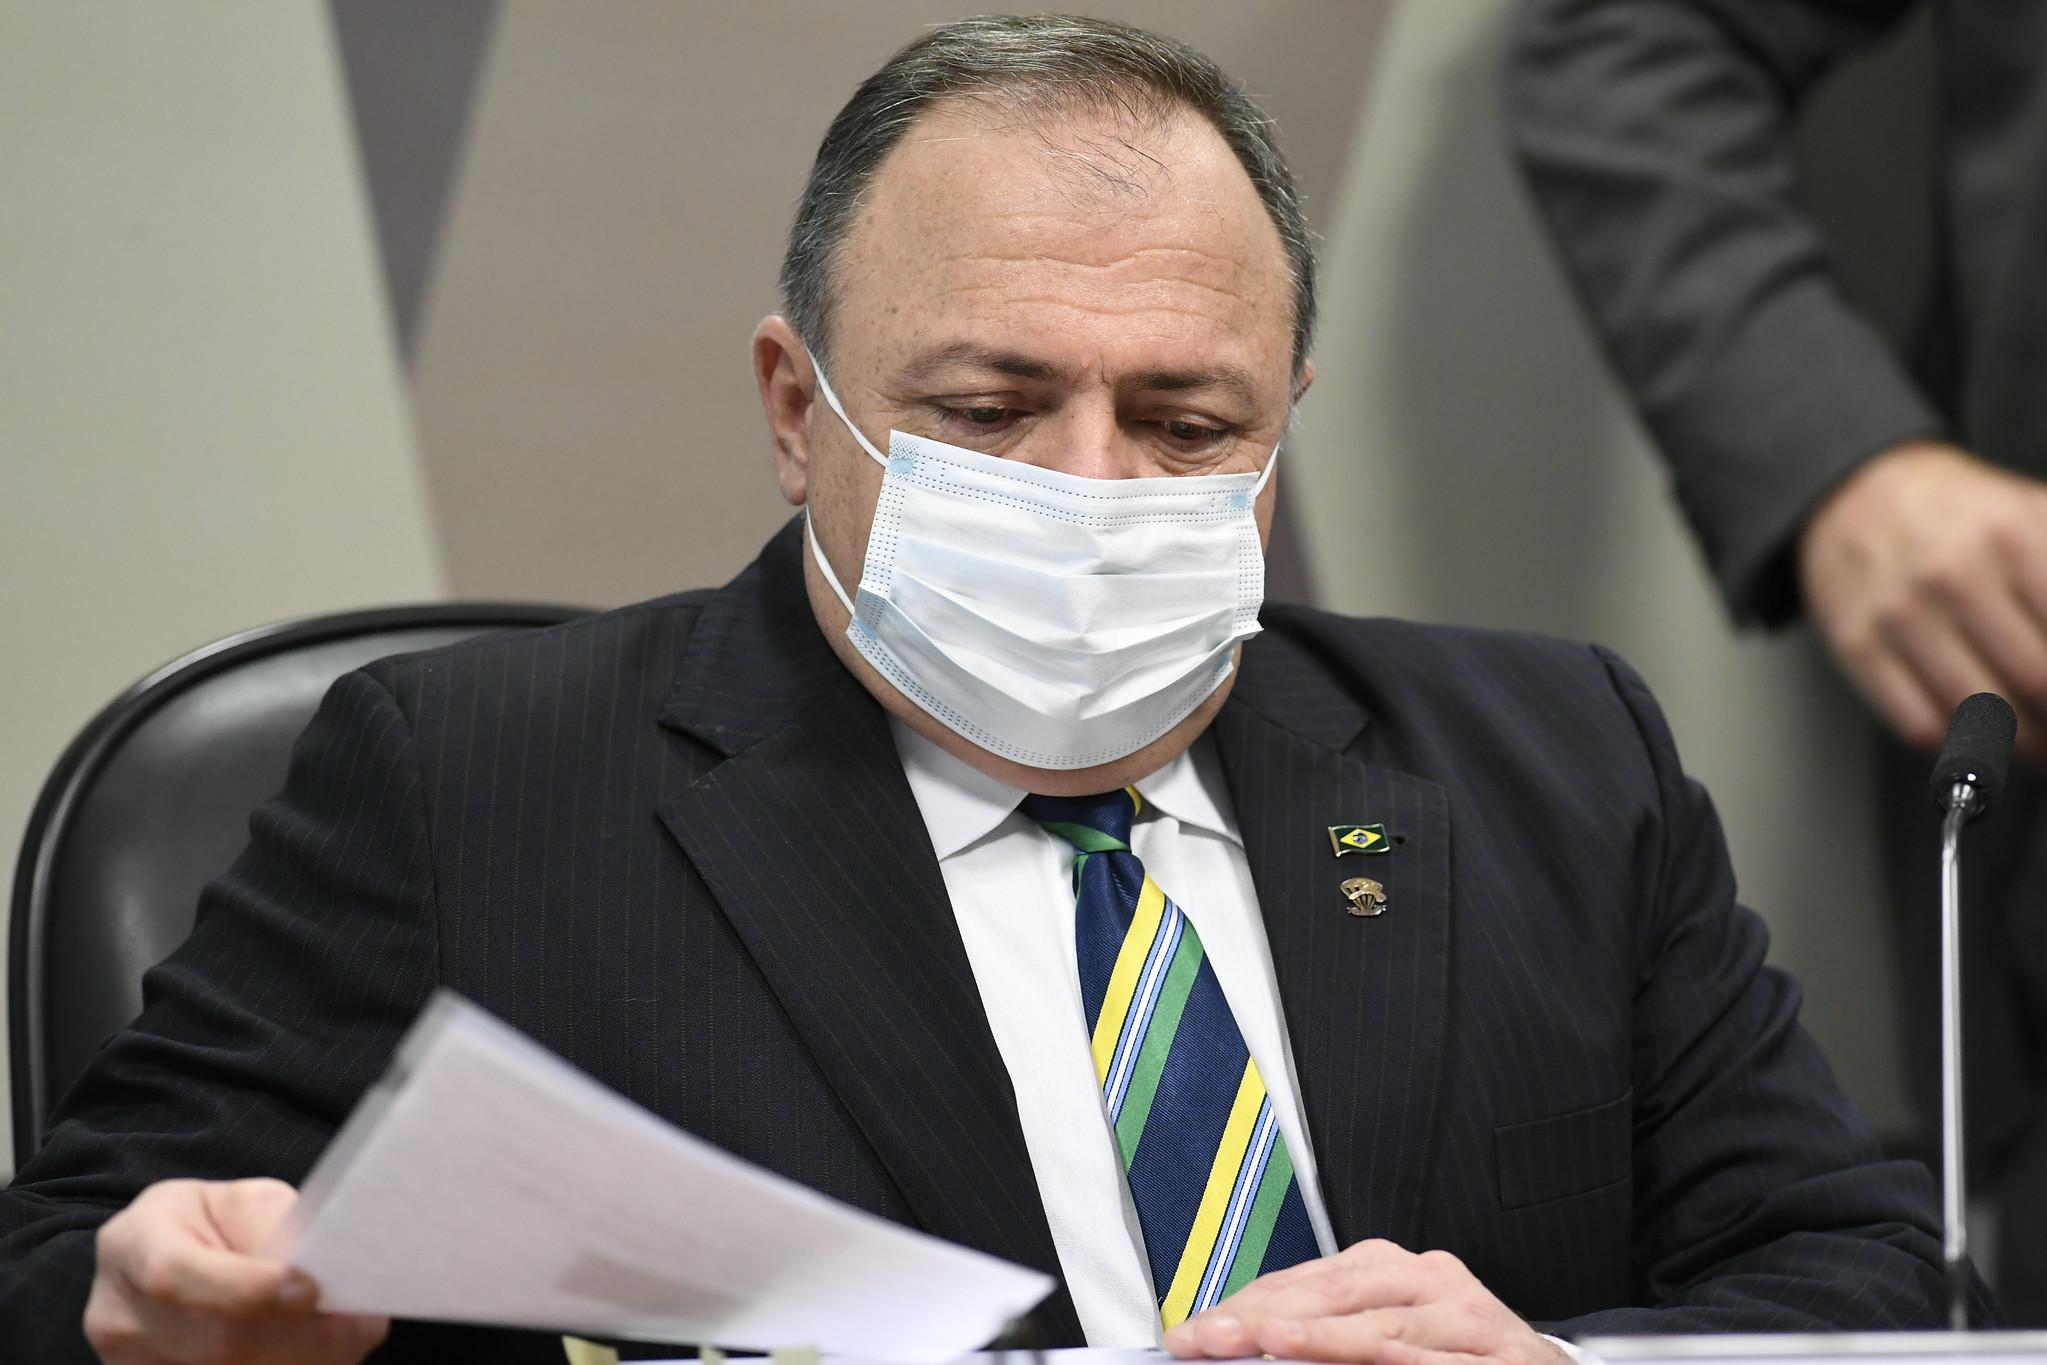 IMAGEM: Pazuello desmente CEO da Pfizer e Wajngarten e diz que deu respostas à empresa; Aziz propõe acareação